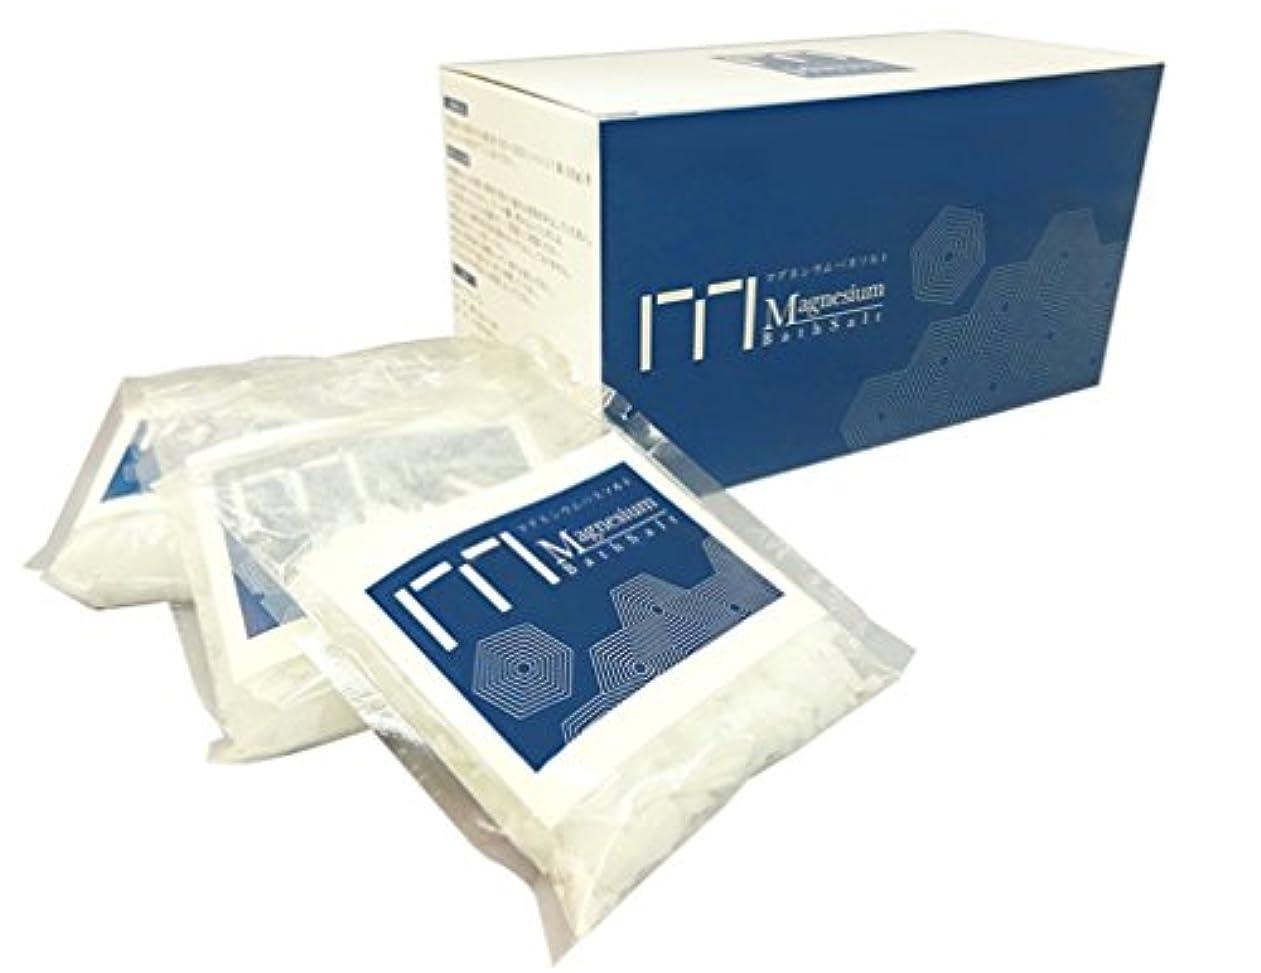 皮シェル最初ニューサイエンス マグネシウム入浴剤